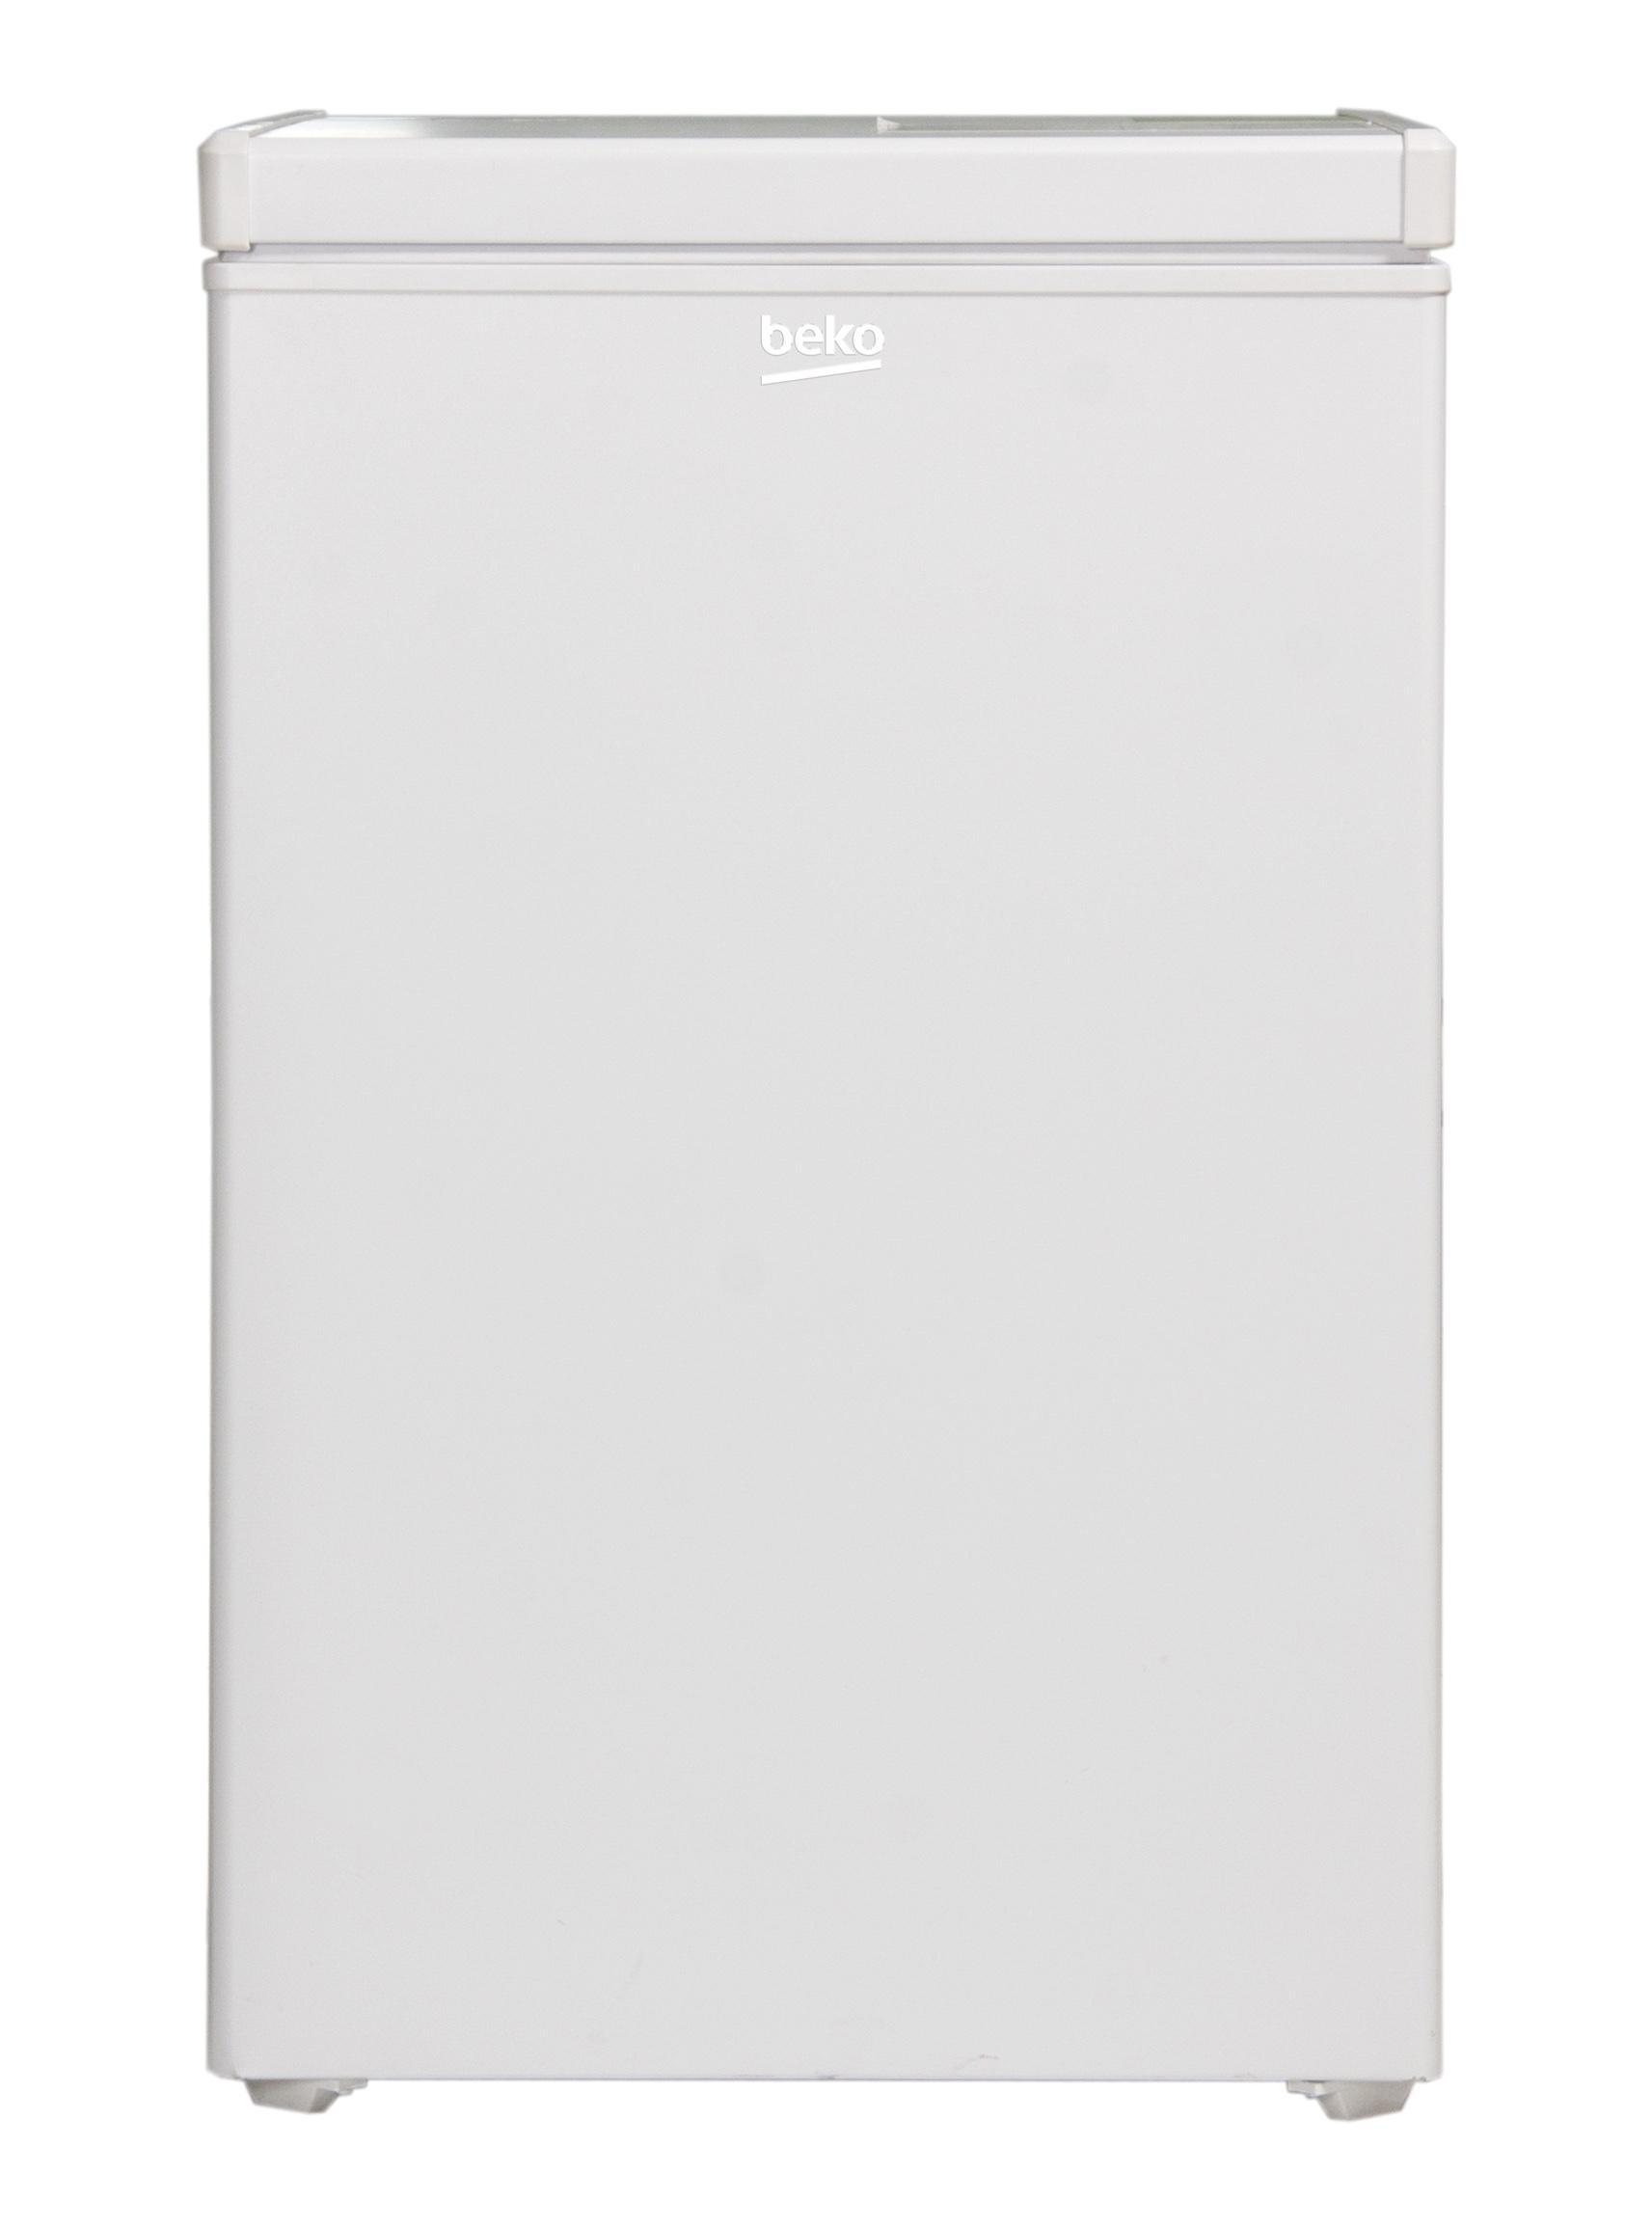 Beko HS210530N congelatore orizzontale 104lt